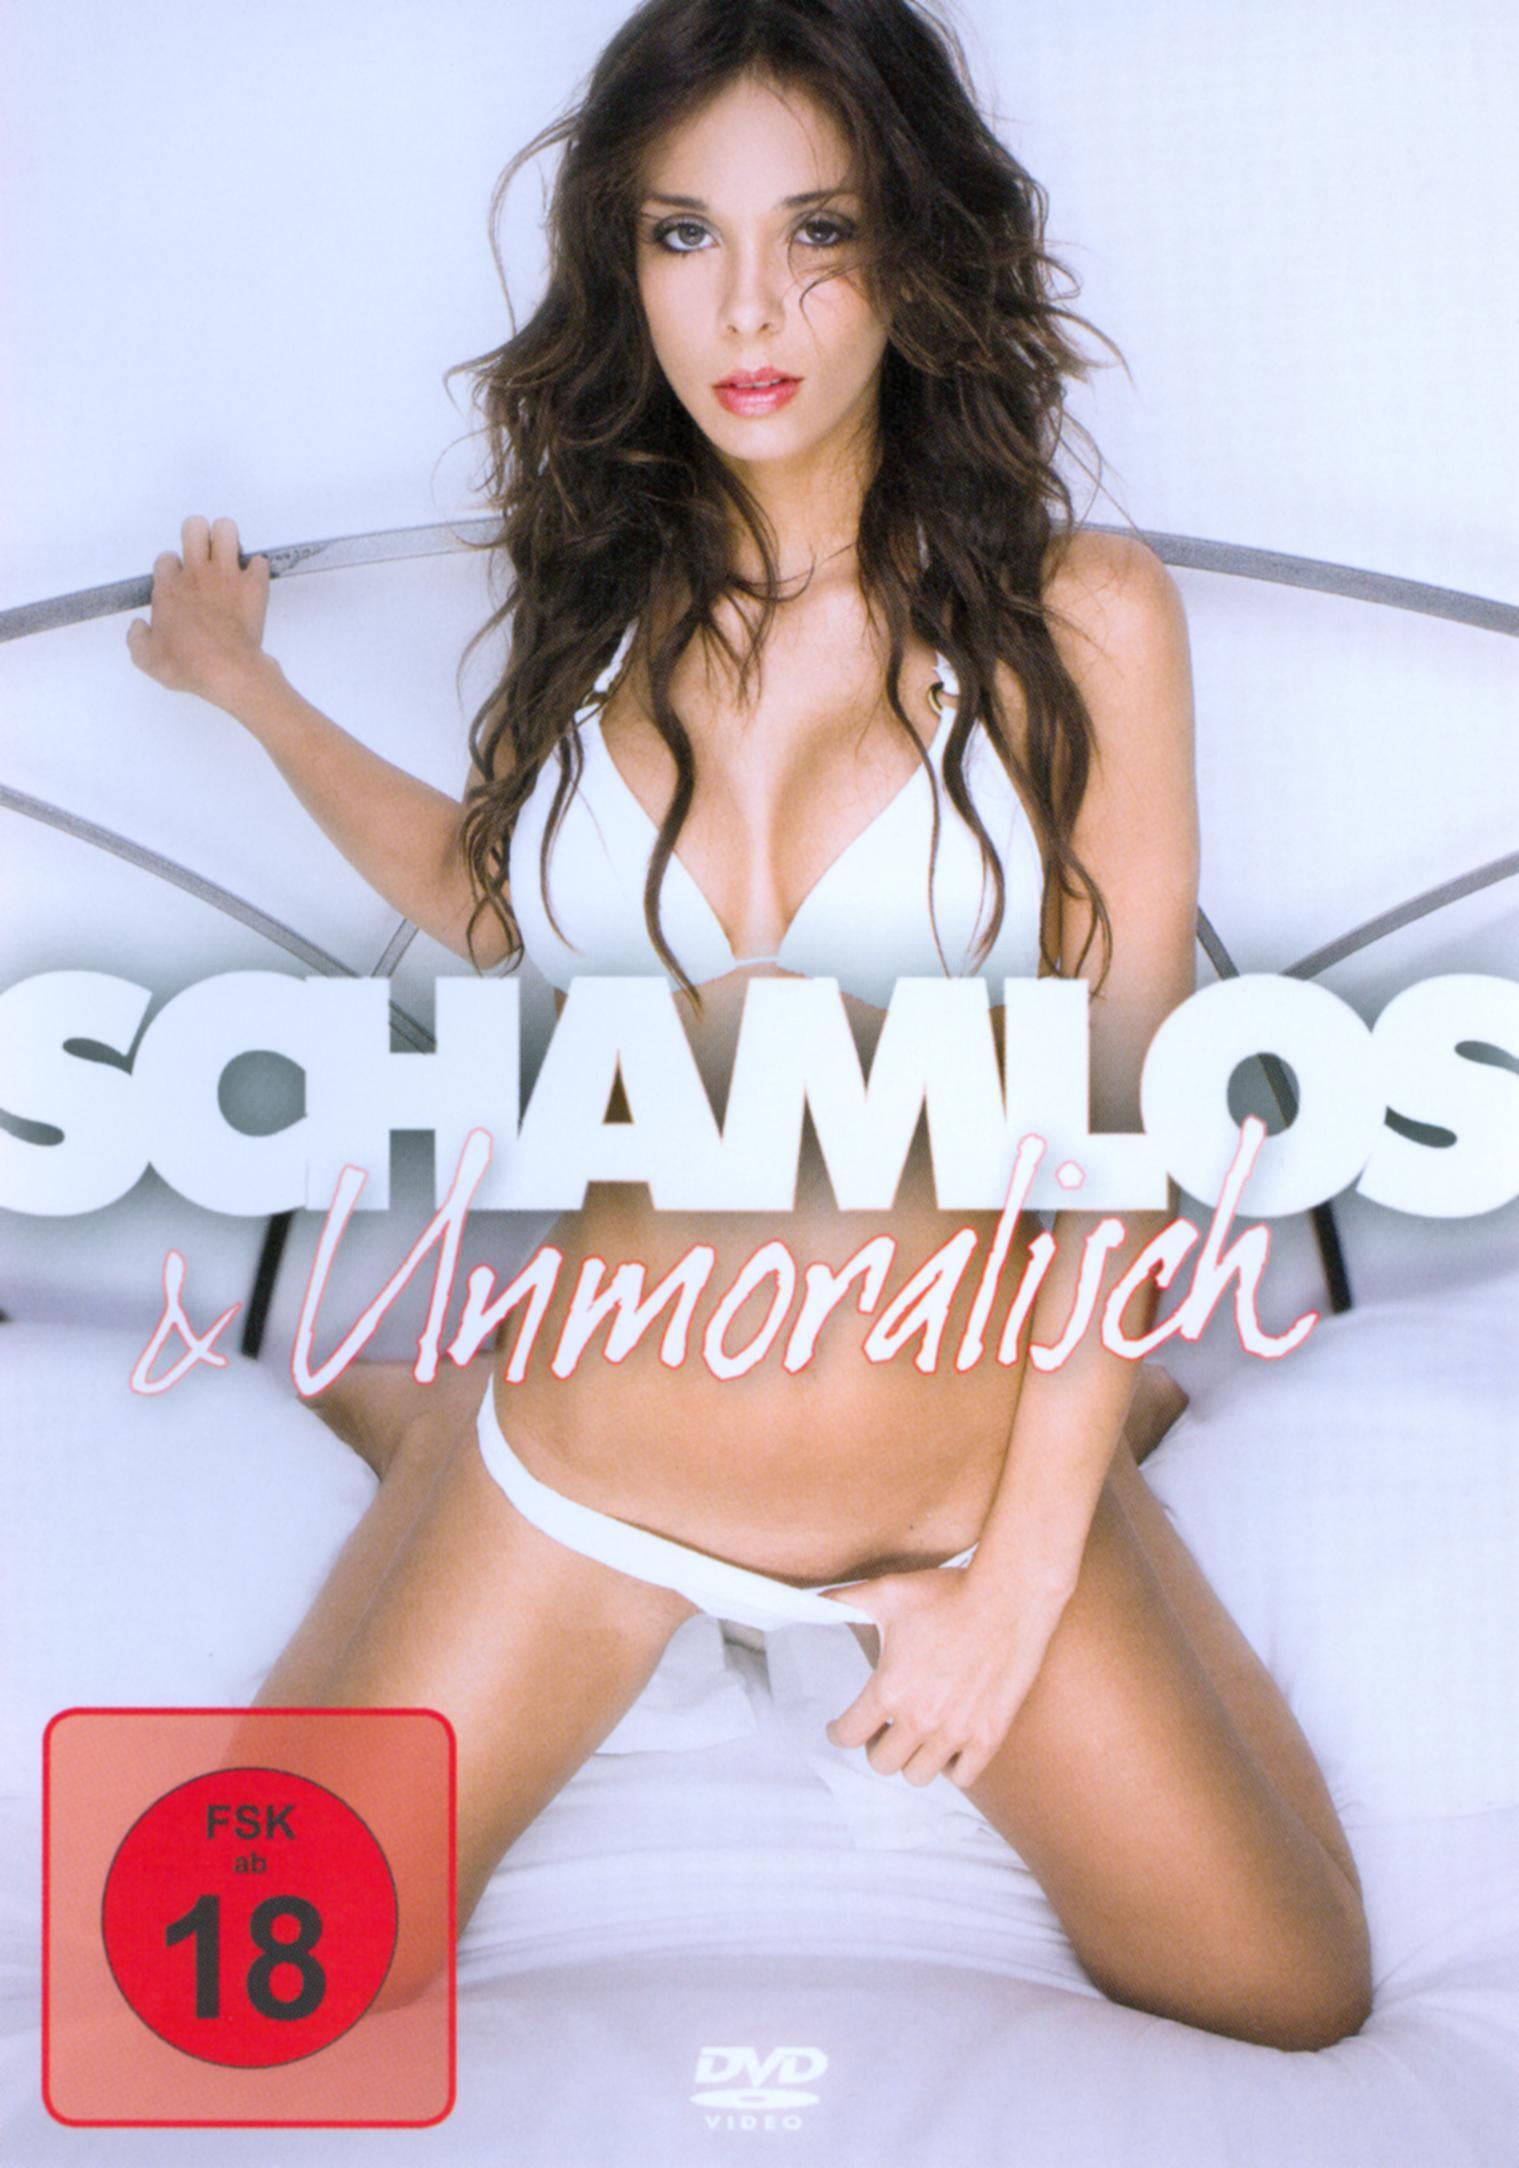 Schamlos & Unmoralisch